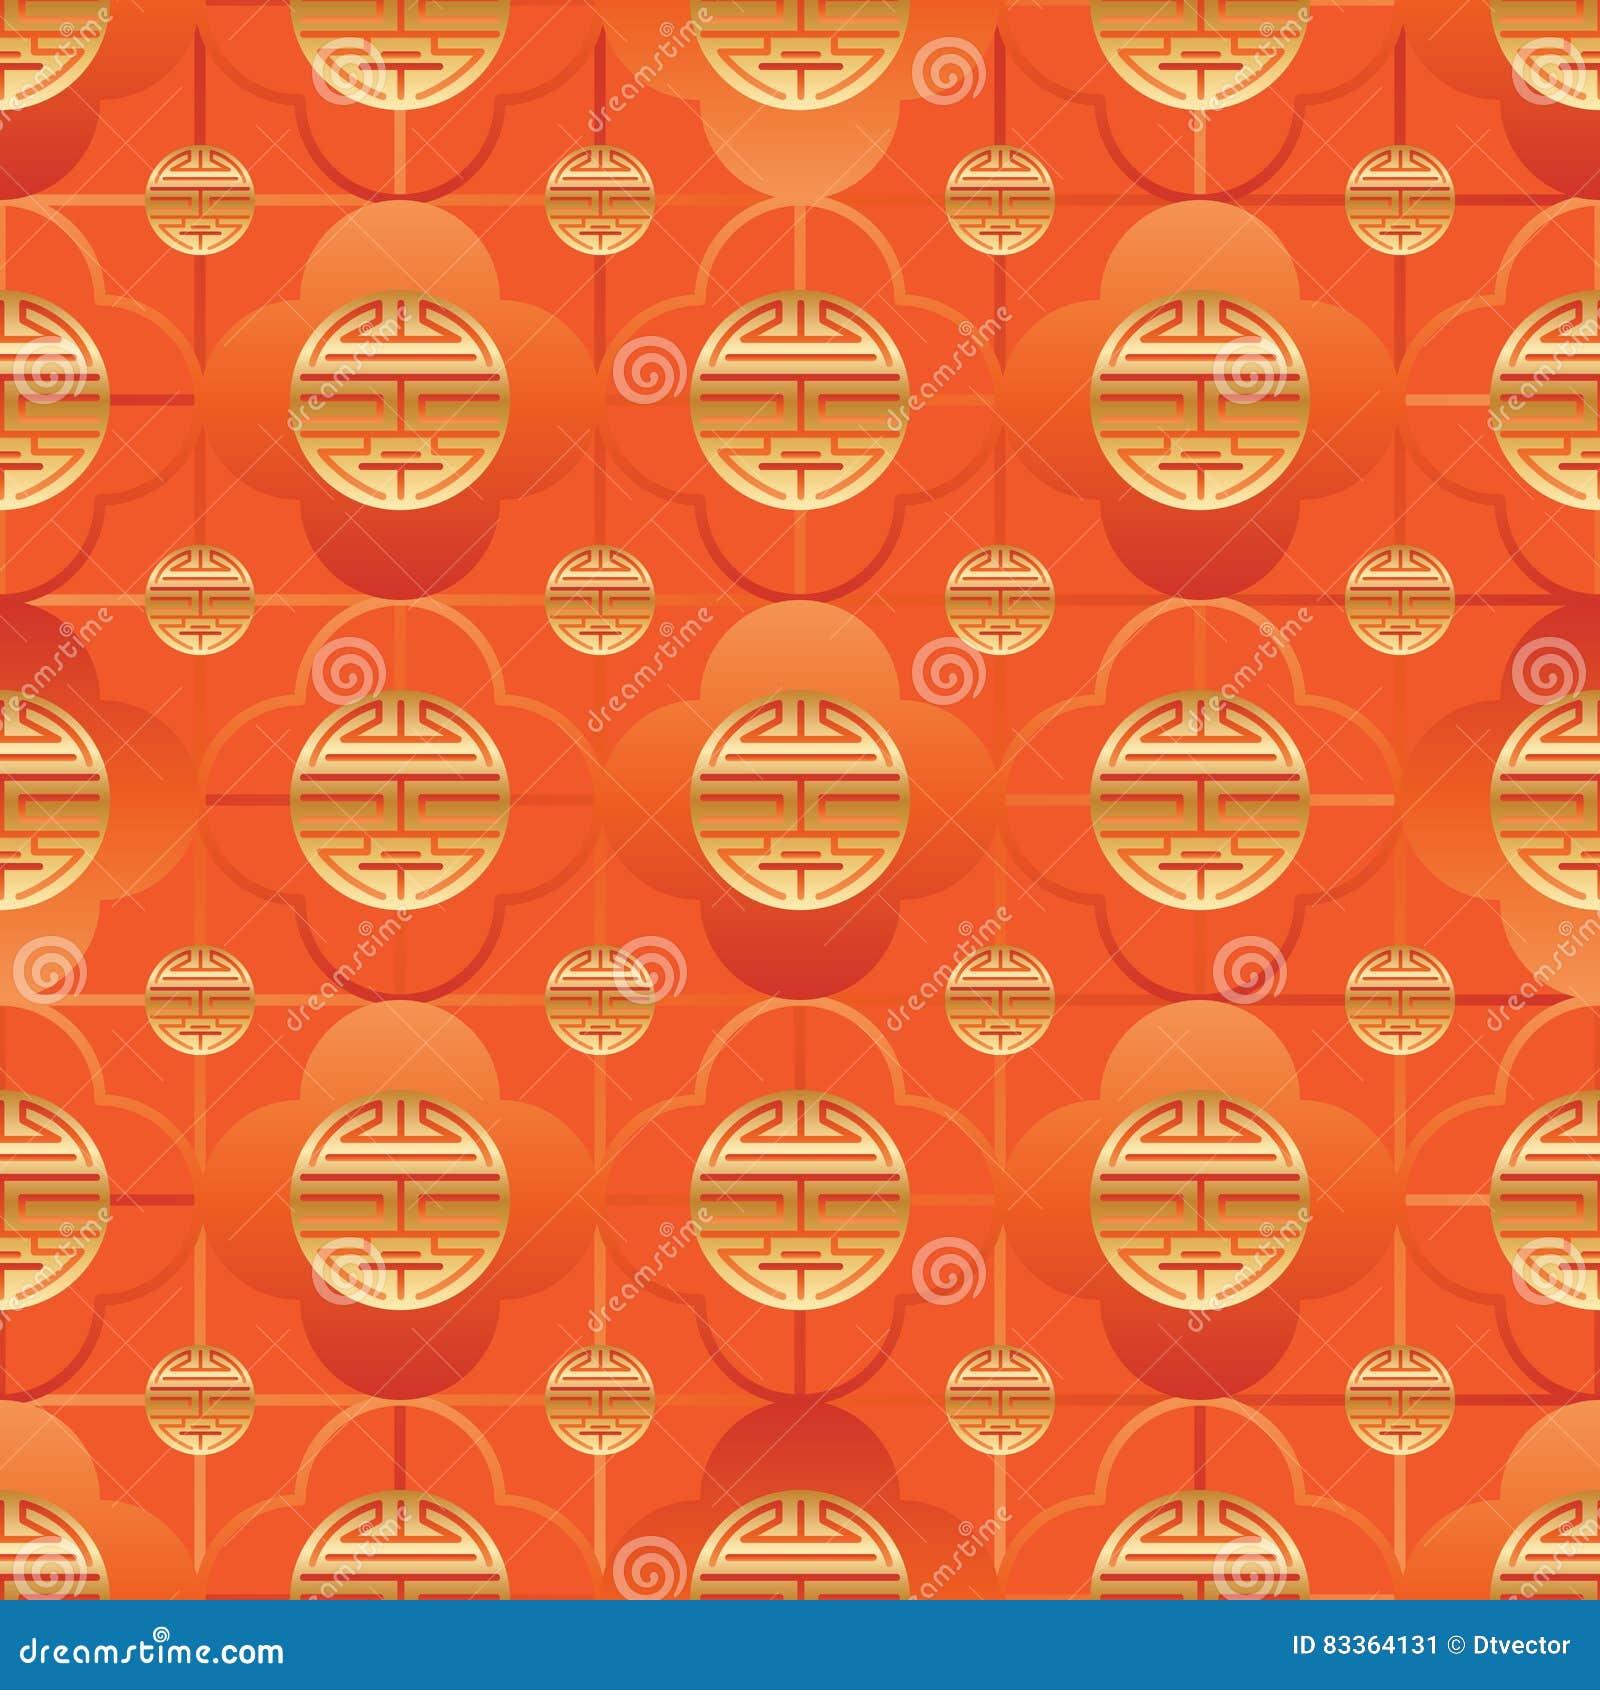 Chinese window long life symbol orange gold seamless pattern stock chinese window long life symbol orange gold seamless pattern biocorpaavc Gallery